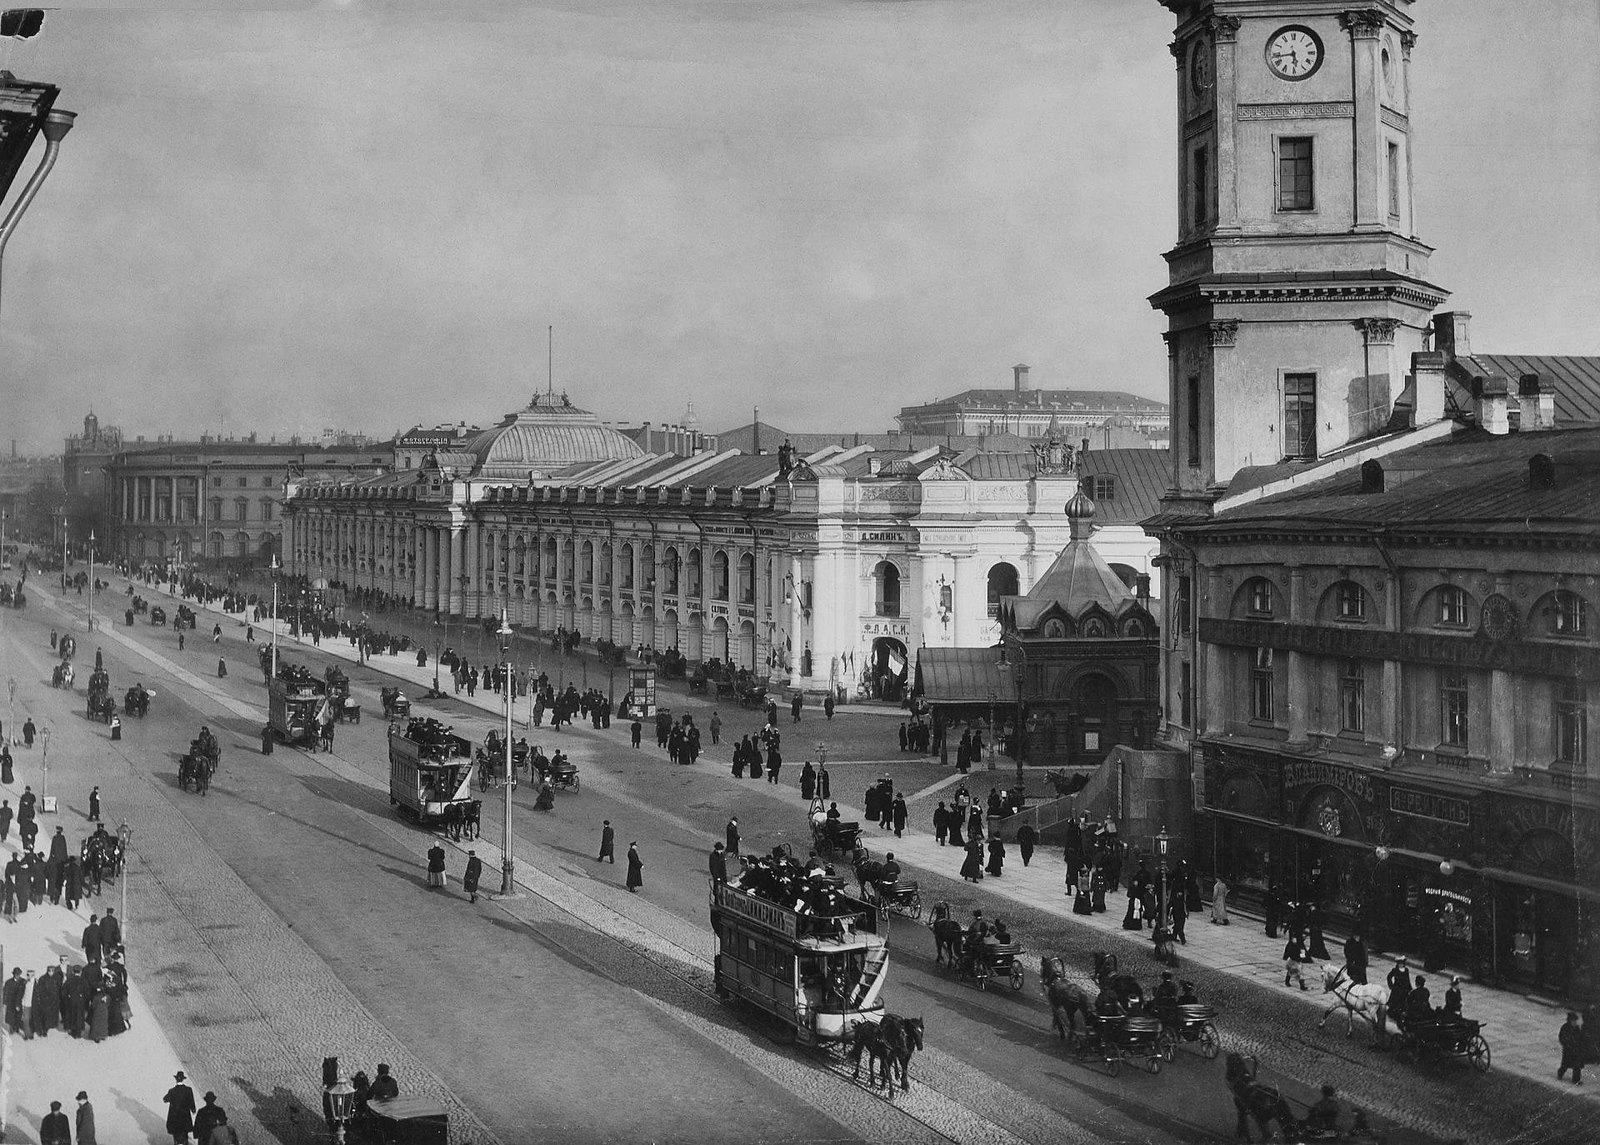 1897. Невский проспект. Гостиный двор